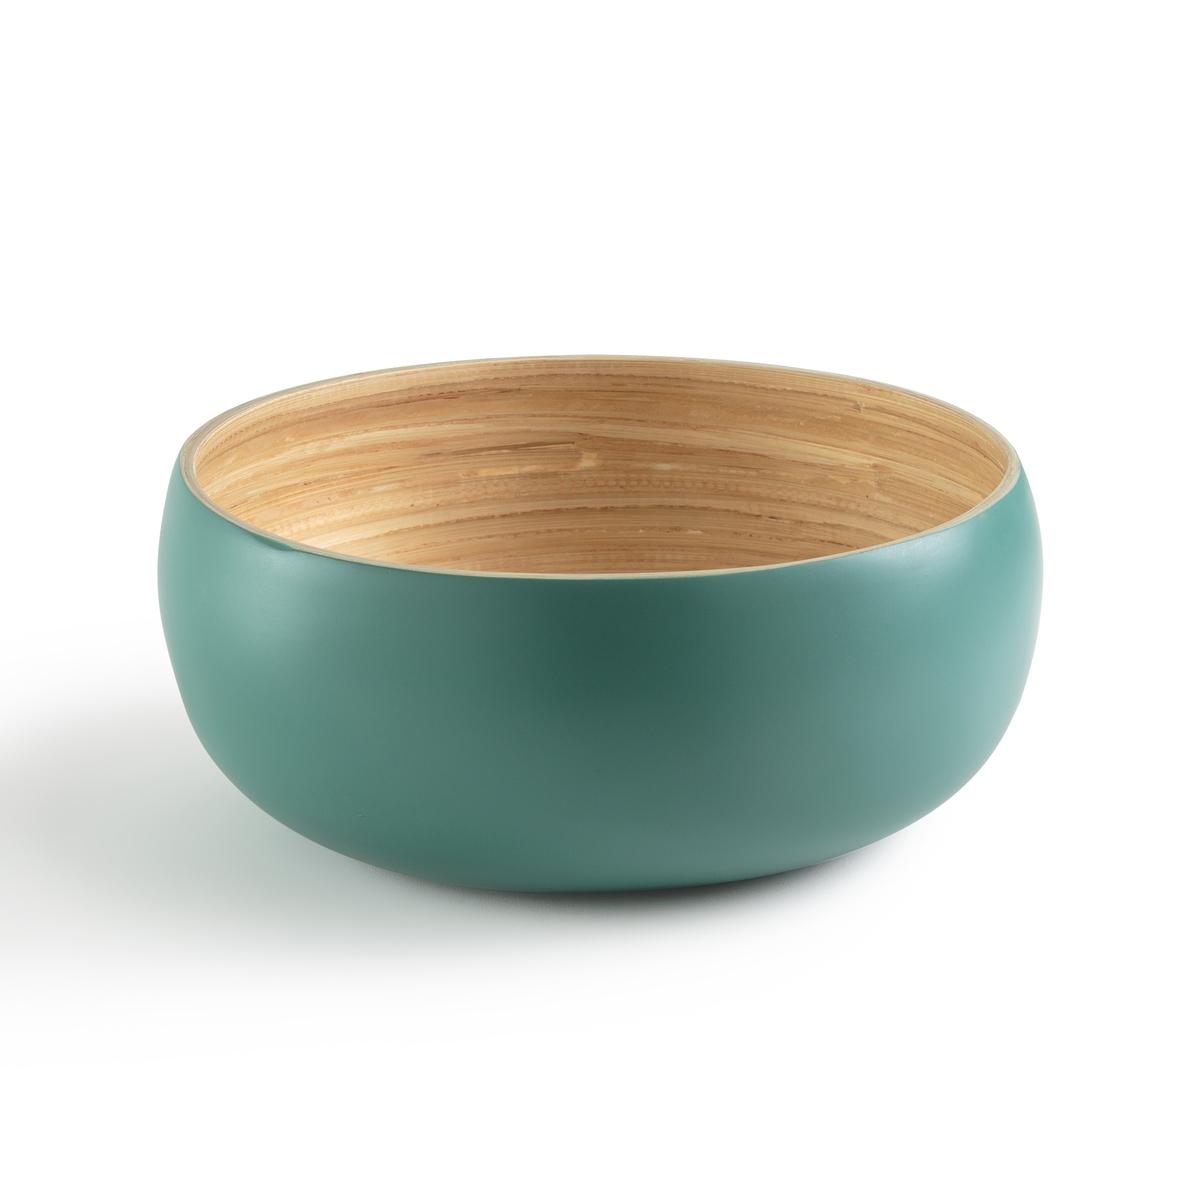 Салатница круглой формы двухцветная из крашеного бамбука BRIAMA